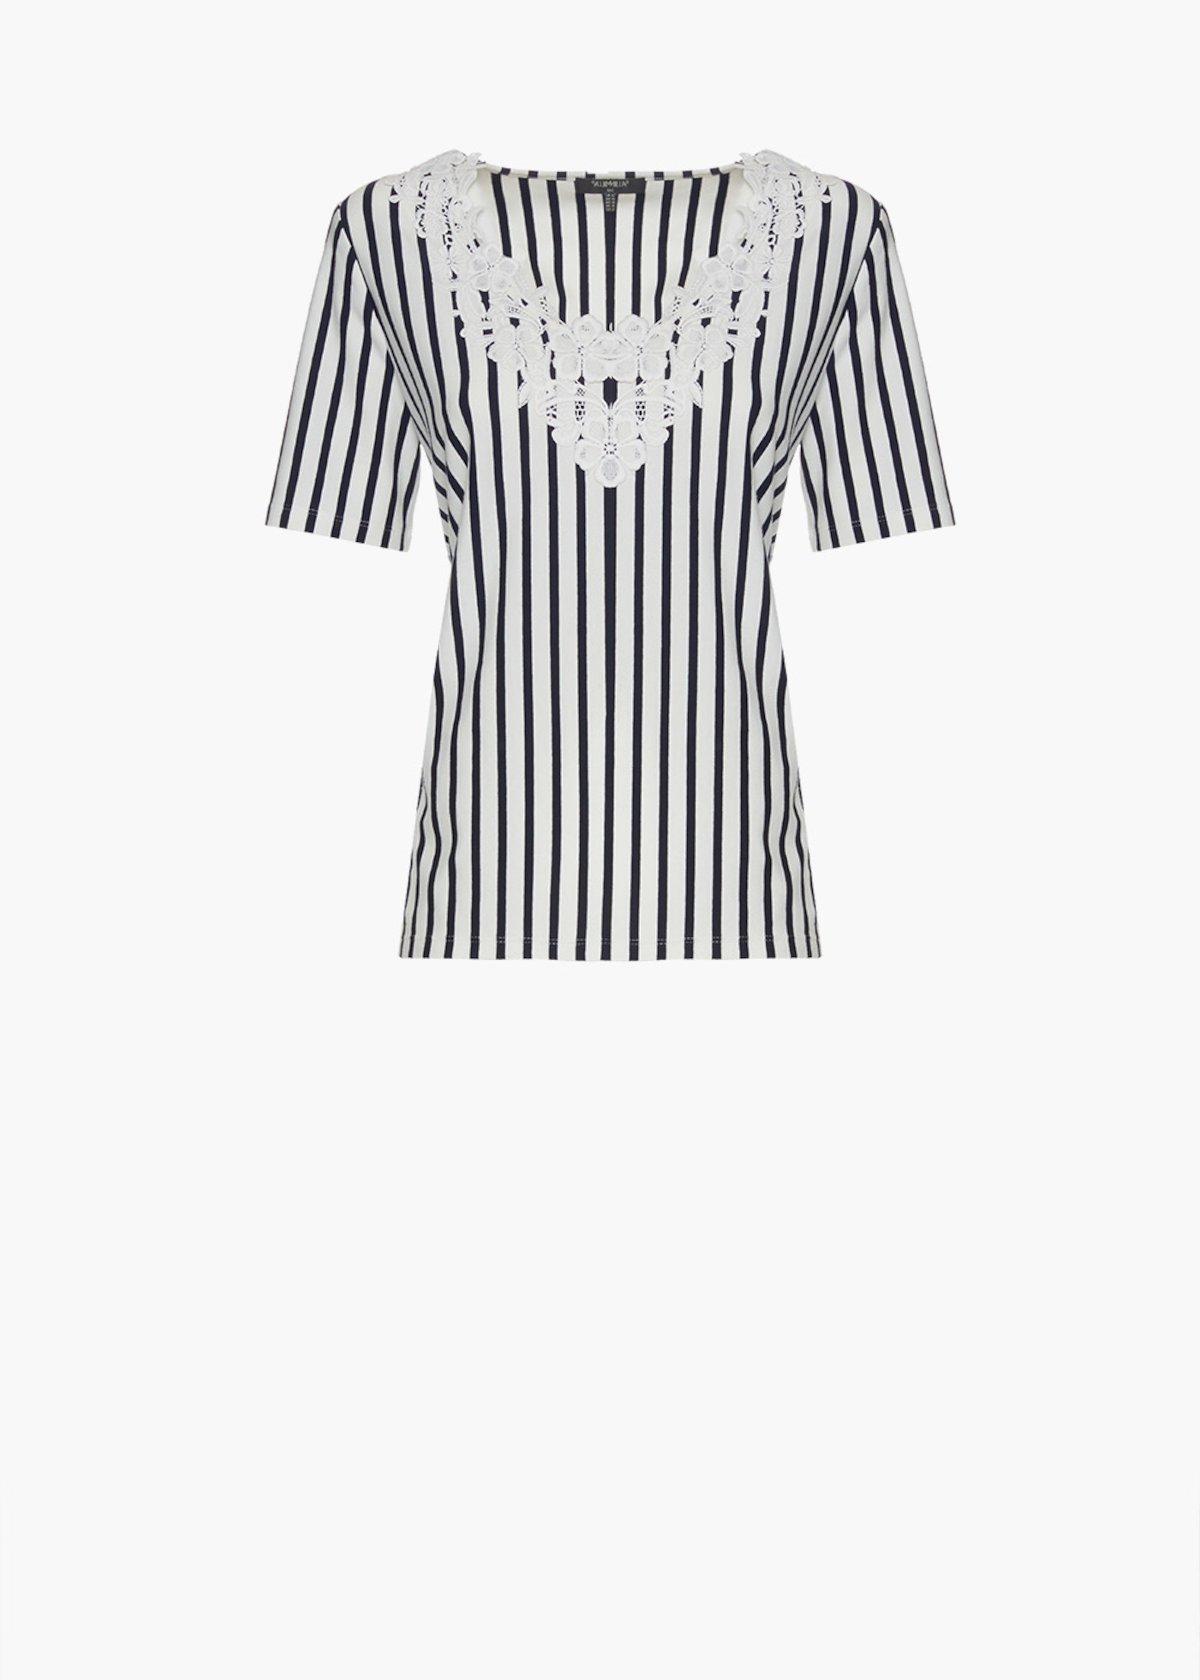 T-shirt Shiny stripes fantasy con ricamo flower allo scollo - Blue / White Stripes - Donna - Immagine categoria